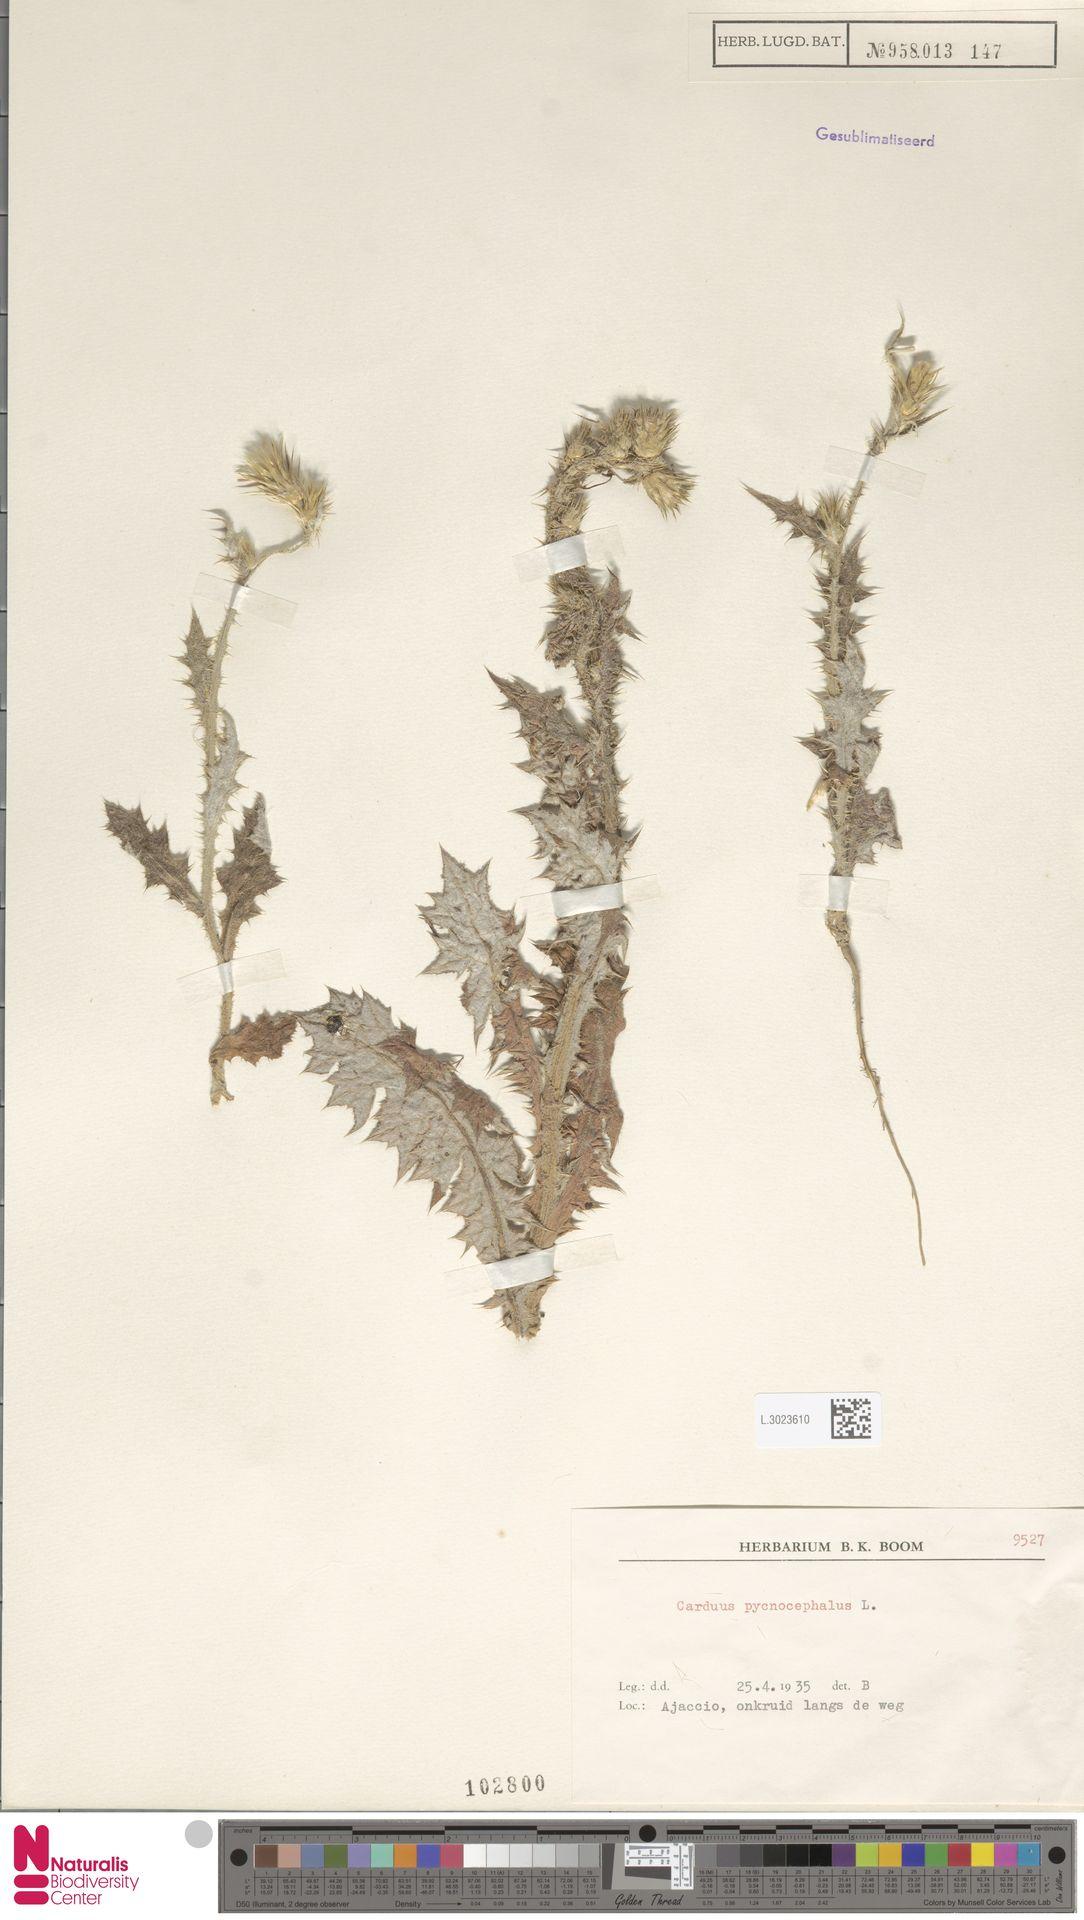 L.3023610 | Carduus pycnocephalus L.